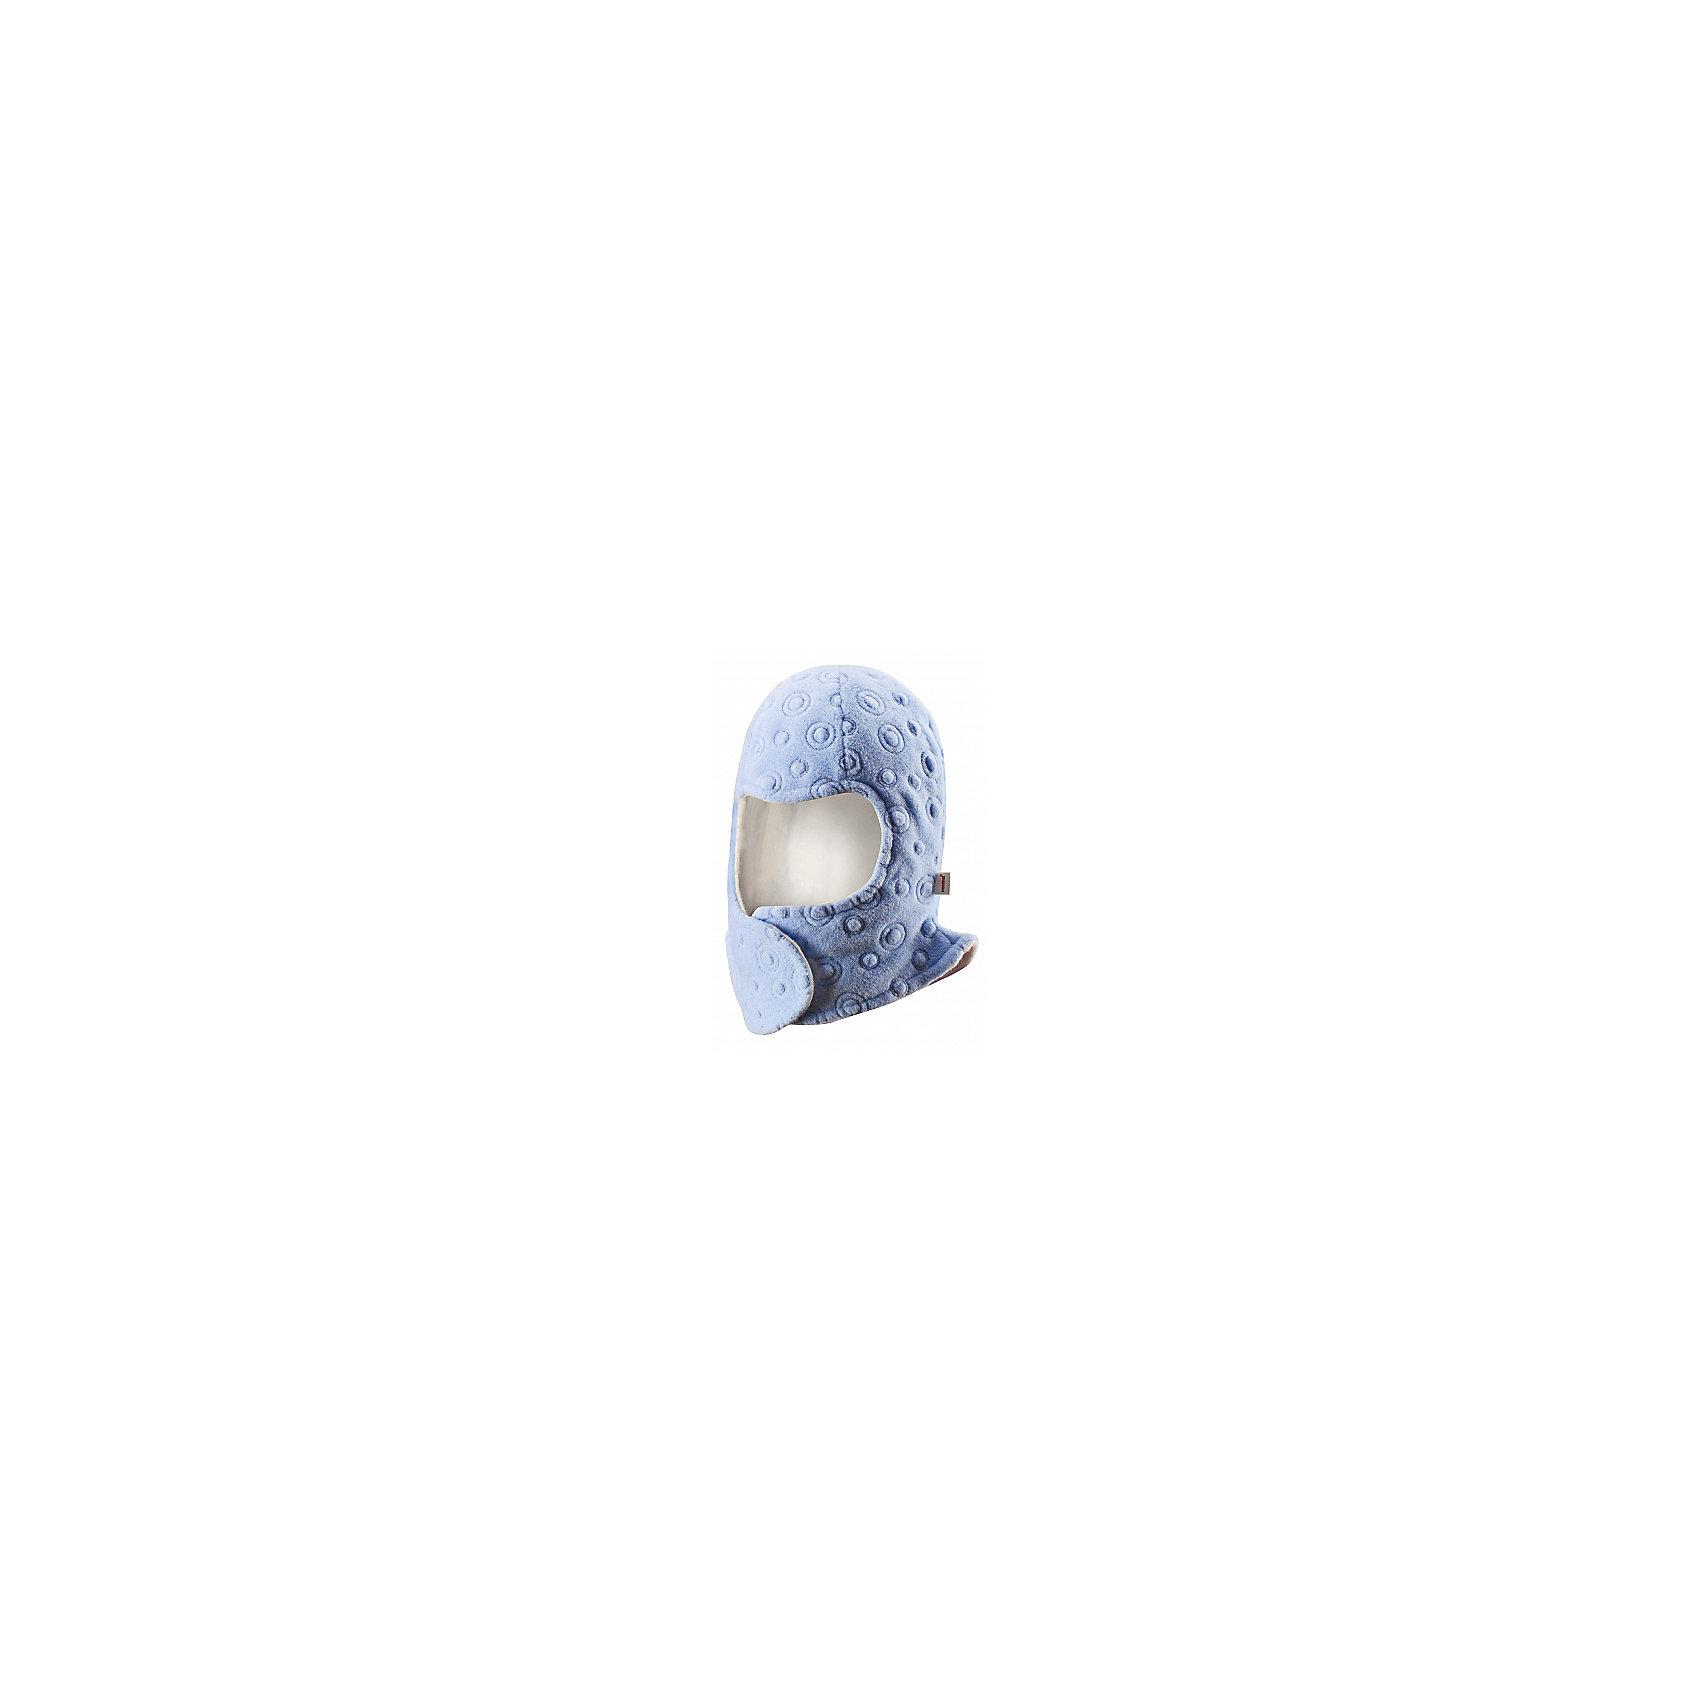 Шапка-шлем ReimaШапки и шарфы<br>Забавная, но в то же время функциональная балаклава - одна из наших новейших разработок! Предназначен для новорожденных и младенцев. Очень удобная липучка спереди облегчает одевание. Продуманный дизайн обеспечивает надежную защиту подбородка, шеи и щечек ребенка, а вставки в области ушей позволяют держать маленькие ушки в тепле! Легкая мягкая хлопчатобумажная подкладка не раздражает кожу, отлично подходит для зимы. Прекрасно сочетается с варежками Tyst!<br><br>Детская балаклава из флиса с вышивкой <br>Задние швы отсутствуют<br>Легкая мягкая хлопчатобумажная подкладка с начесом<br>Ветронепроницаемые вставки в области ушей<br>Спереди на липучке<br>Сочетается с варежками 517116 Tyst<br>Состав:<br>100% ПЭ<br><br><br>Шапку-шлем Reima (Рейма) можно купить в нашем магазине.<br><br>Ширина мм: 89<br>Глубина мм: 117<br>Высота мм: 44<br>Вес г: 155<br>Цвет: голубой<br>Возраст от месяцев: 4<br>Возраст до месяцев: 6<br>Пол: Унисекс<br>Возраст: Детский<br>Размер: 44-46,36,40-42<br>SKU: 4208590